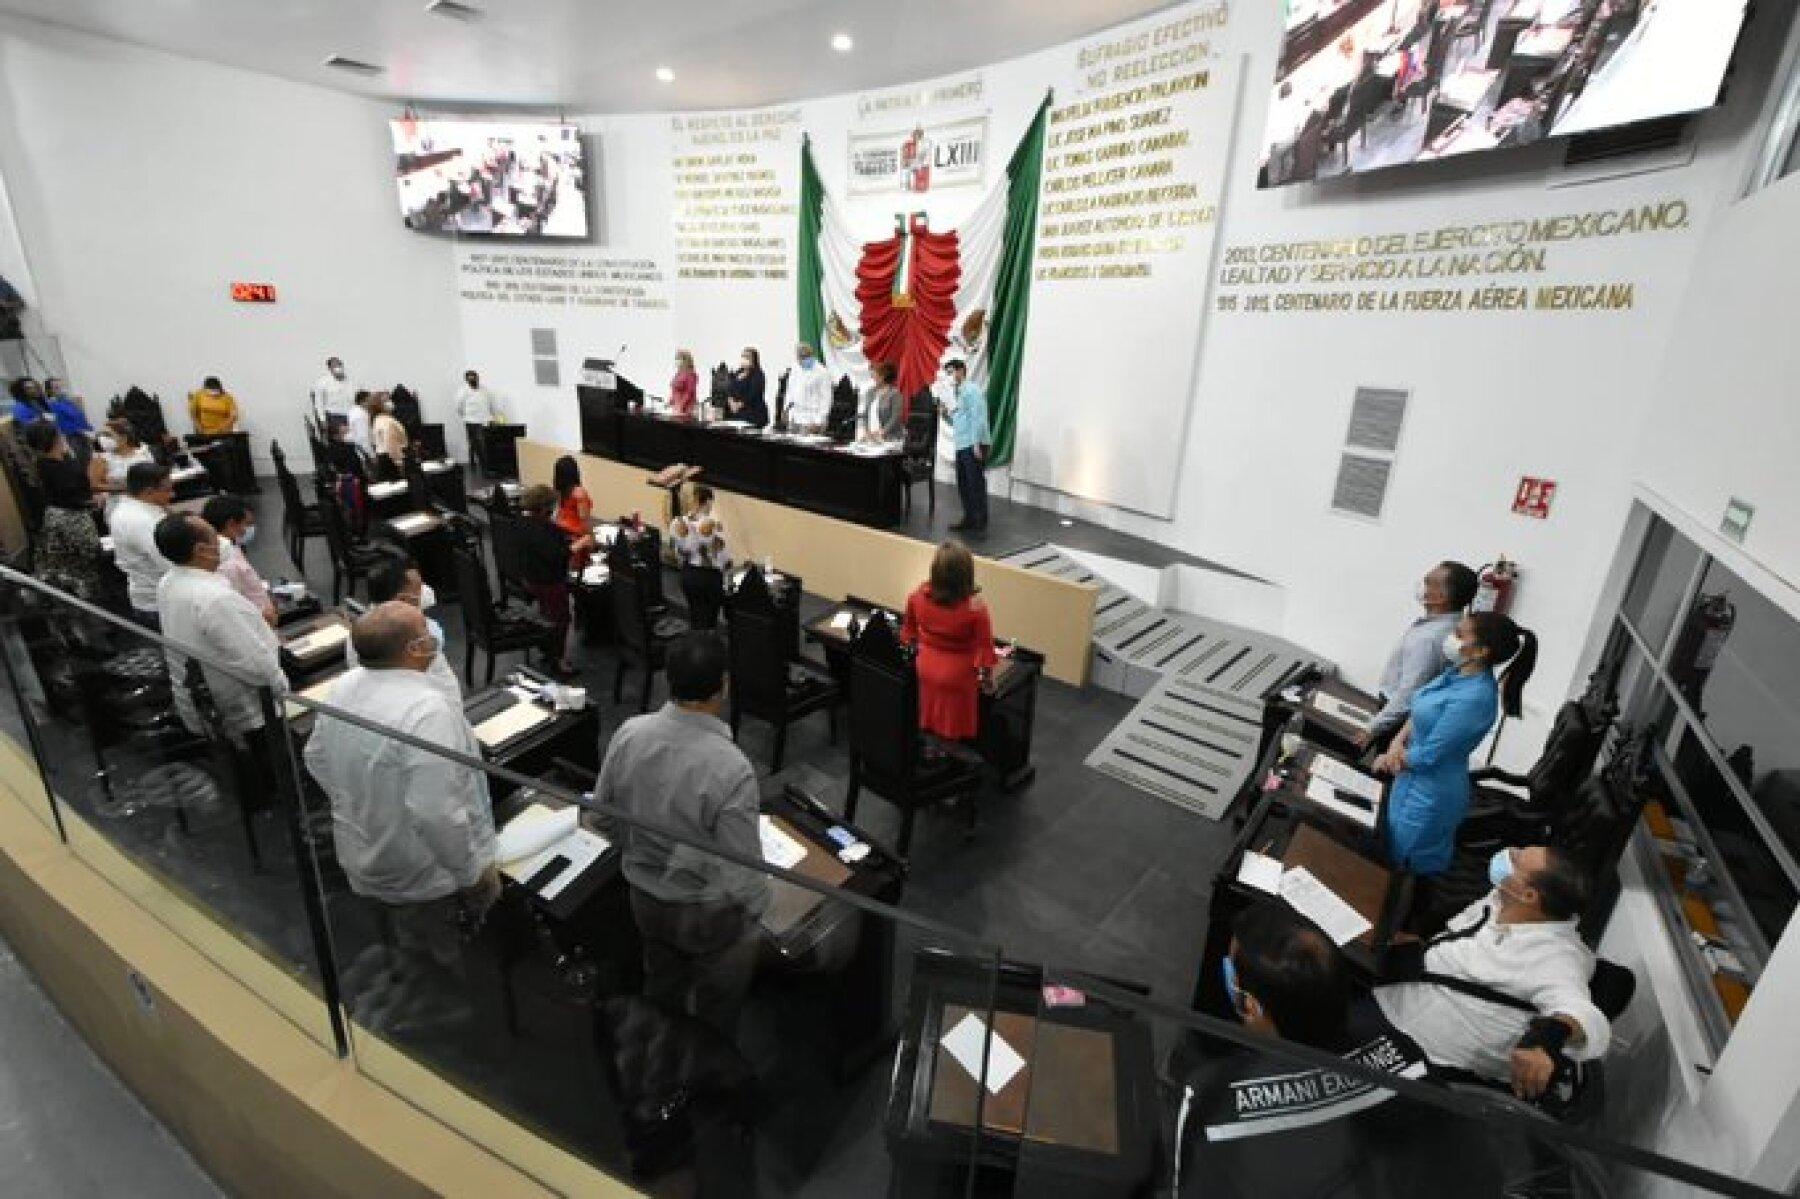 congreso de Tabasco